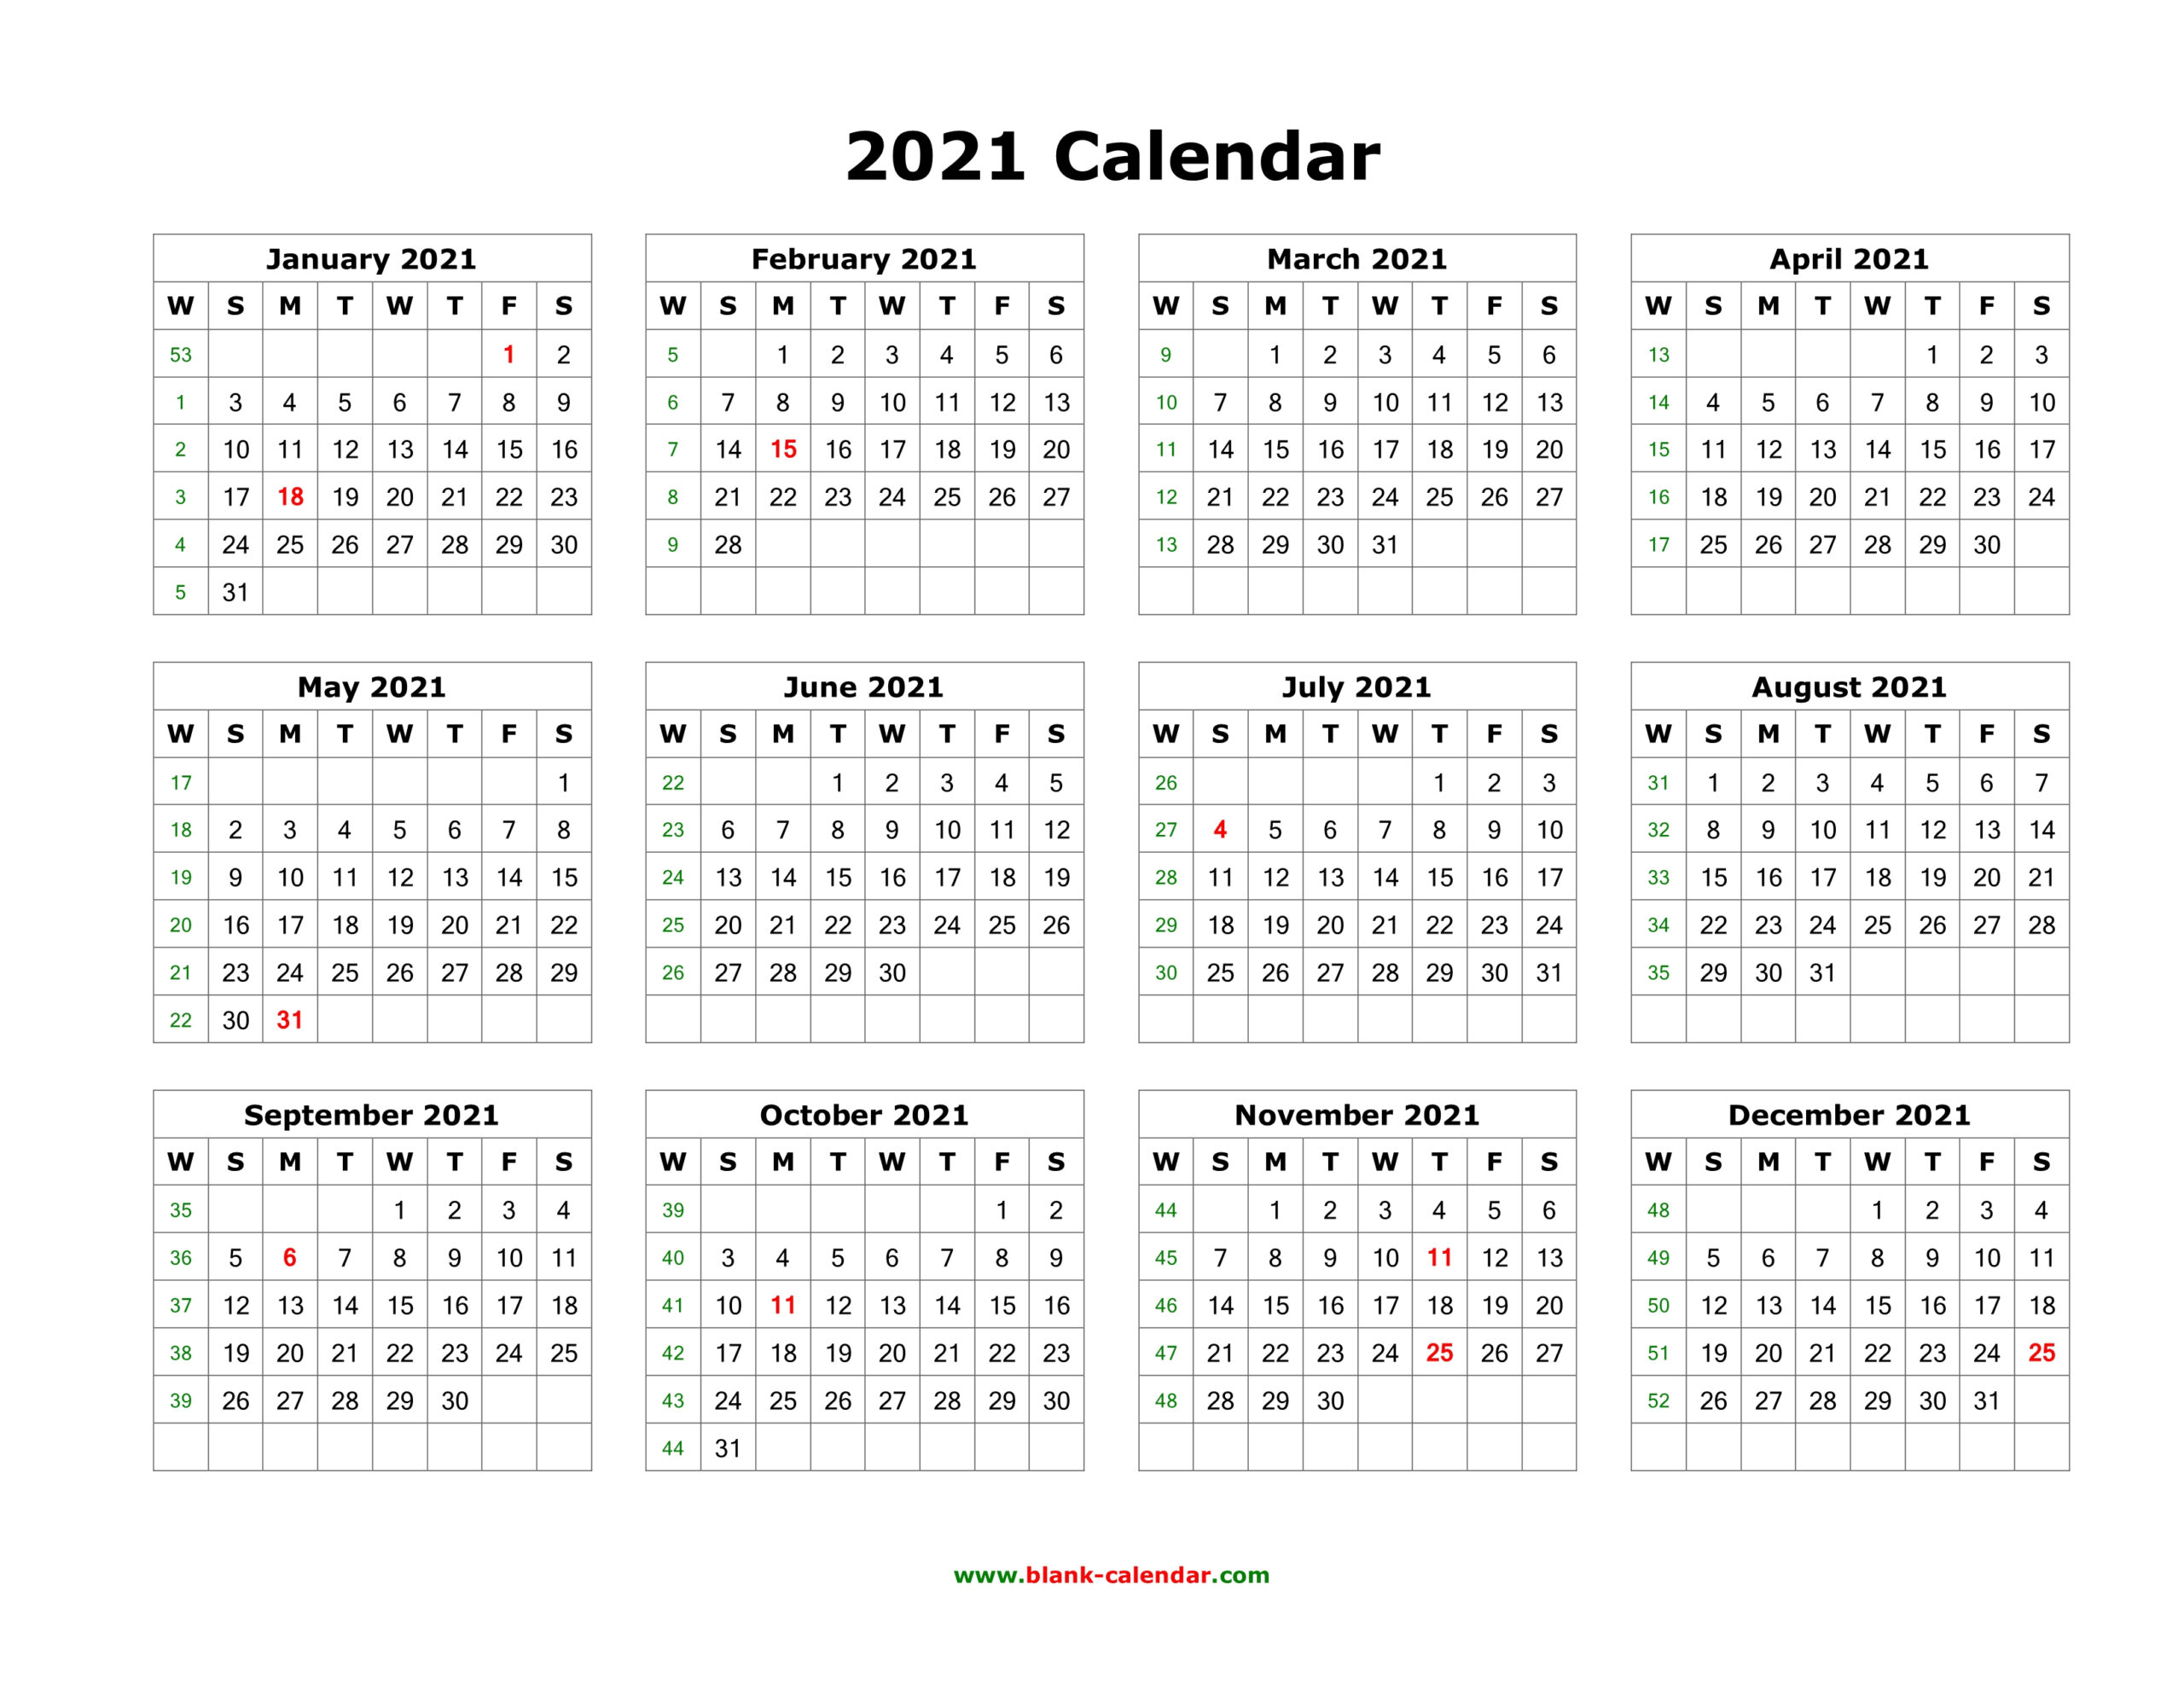 2021 Calendar Templates Editable By Word : 2021 Calendar